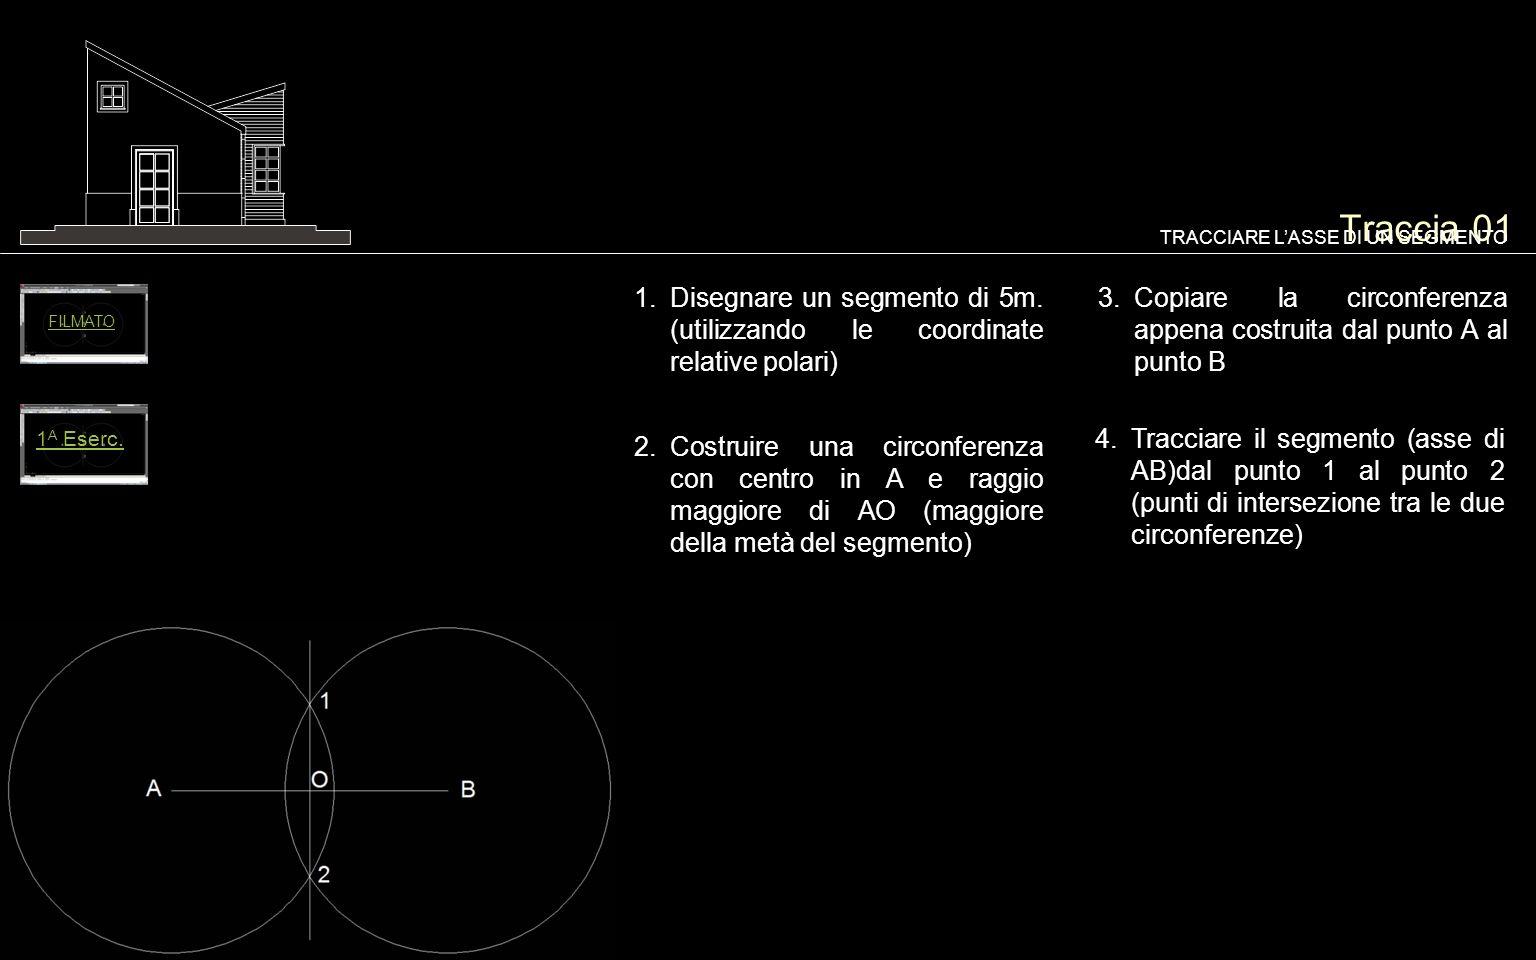 Traccia 01TRACCIARE L'ASSE DI UN SEGMENTO. Disegnare un segmento di 5m. (utilizzando le coordinate relative polari)